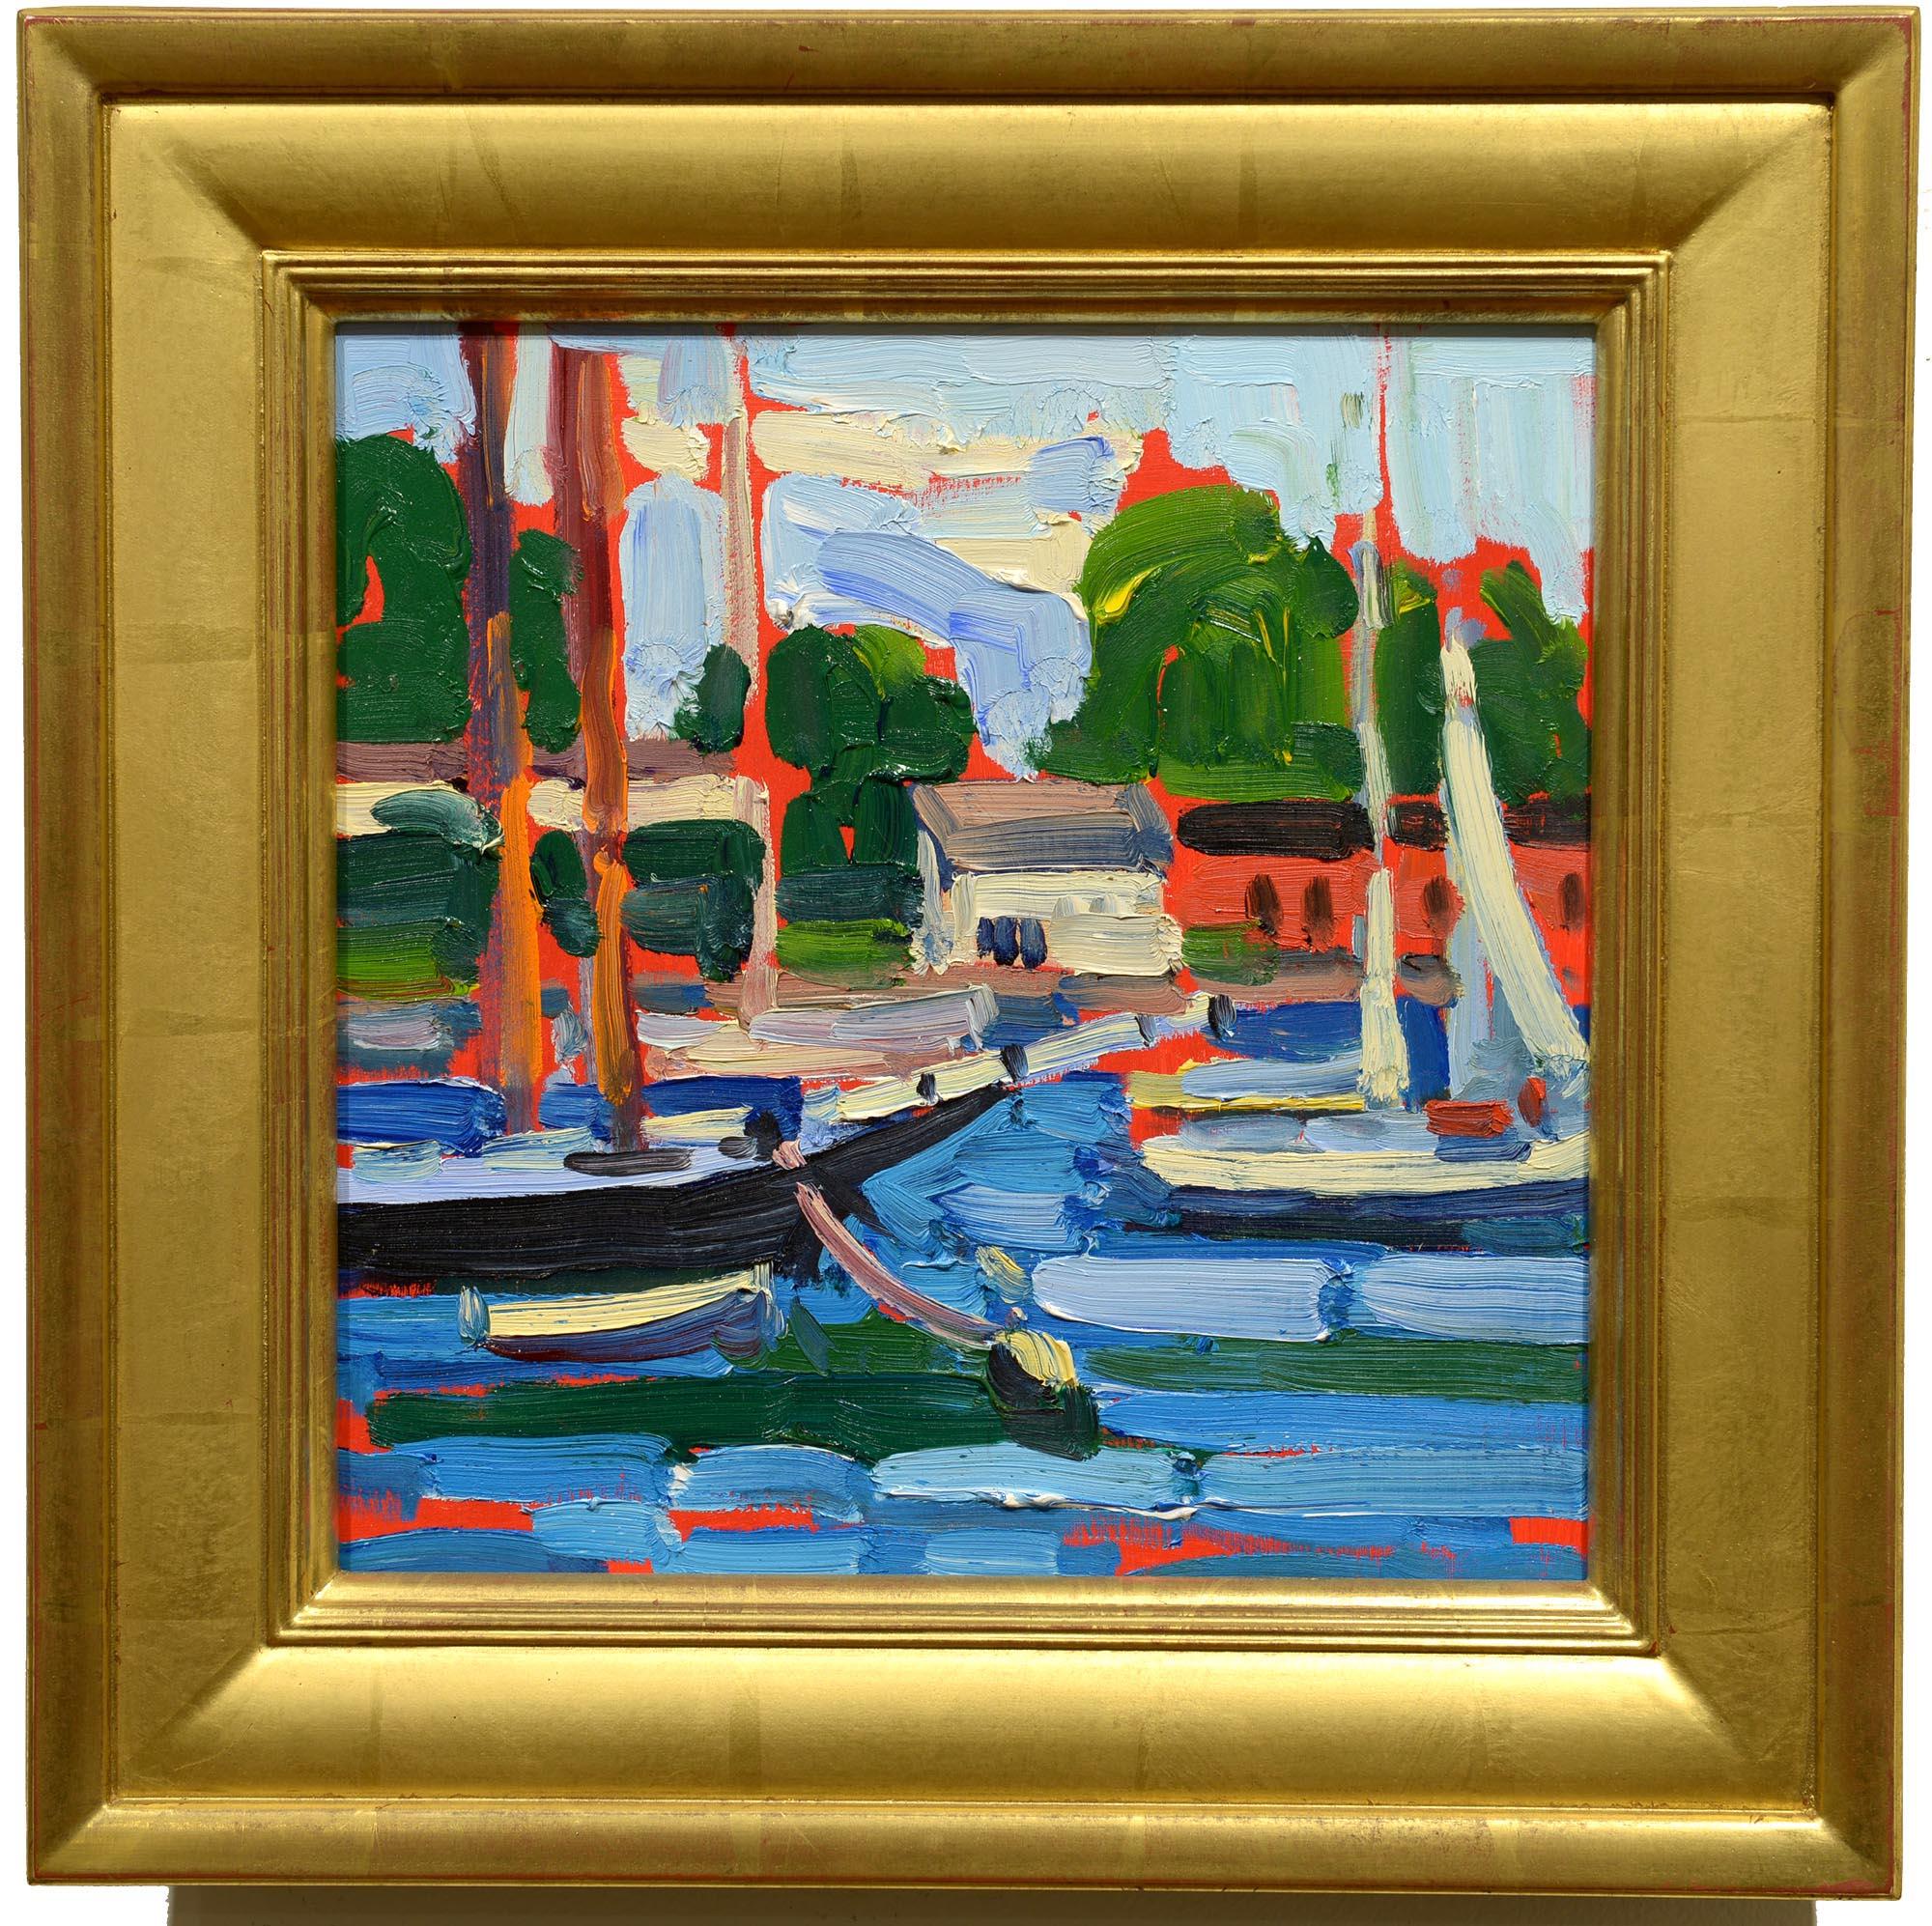 Keith Oehmig Camden Harbor Summer framed